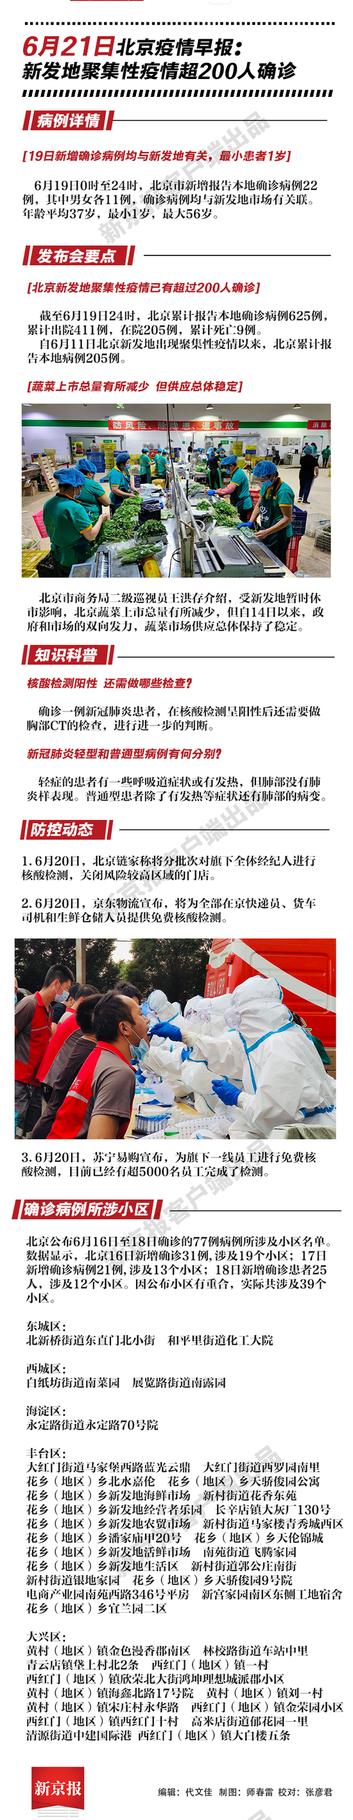 高德注册:图速览│6月高德注册21日北京疫情早图片